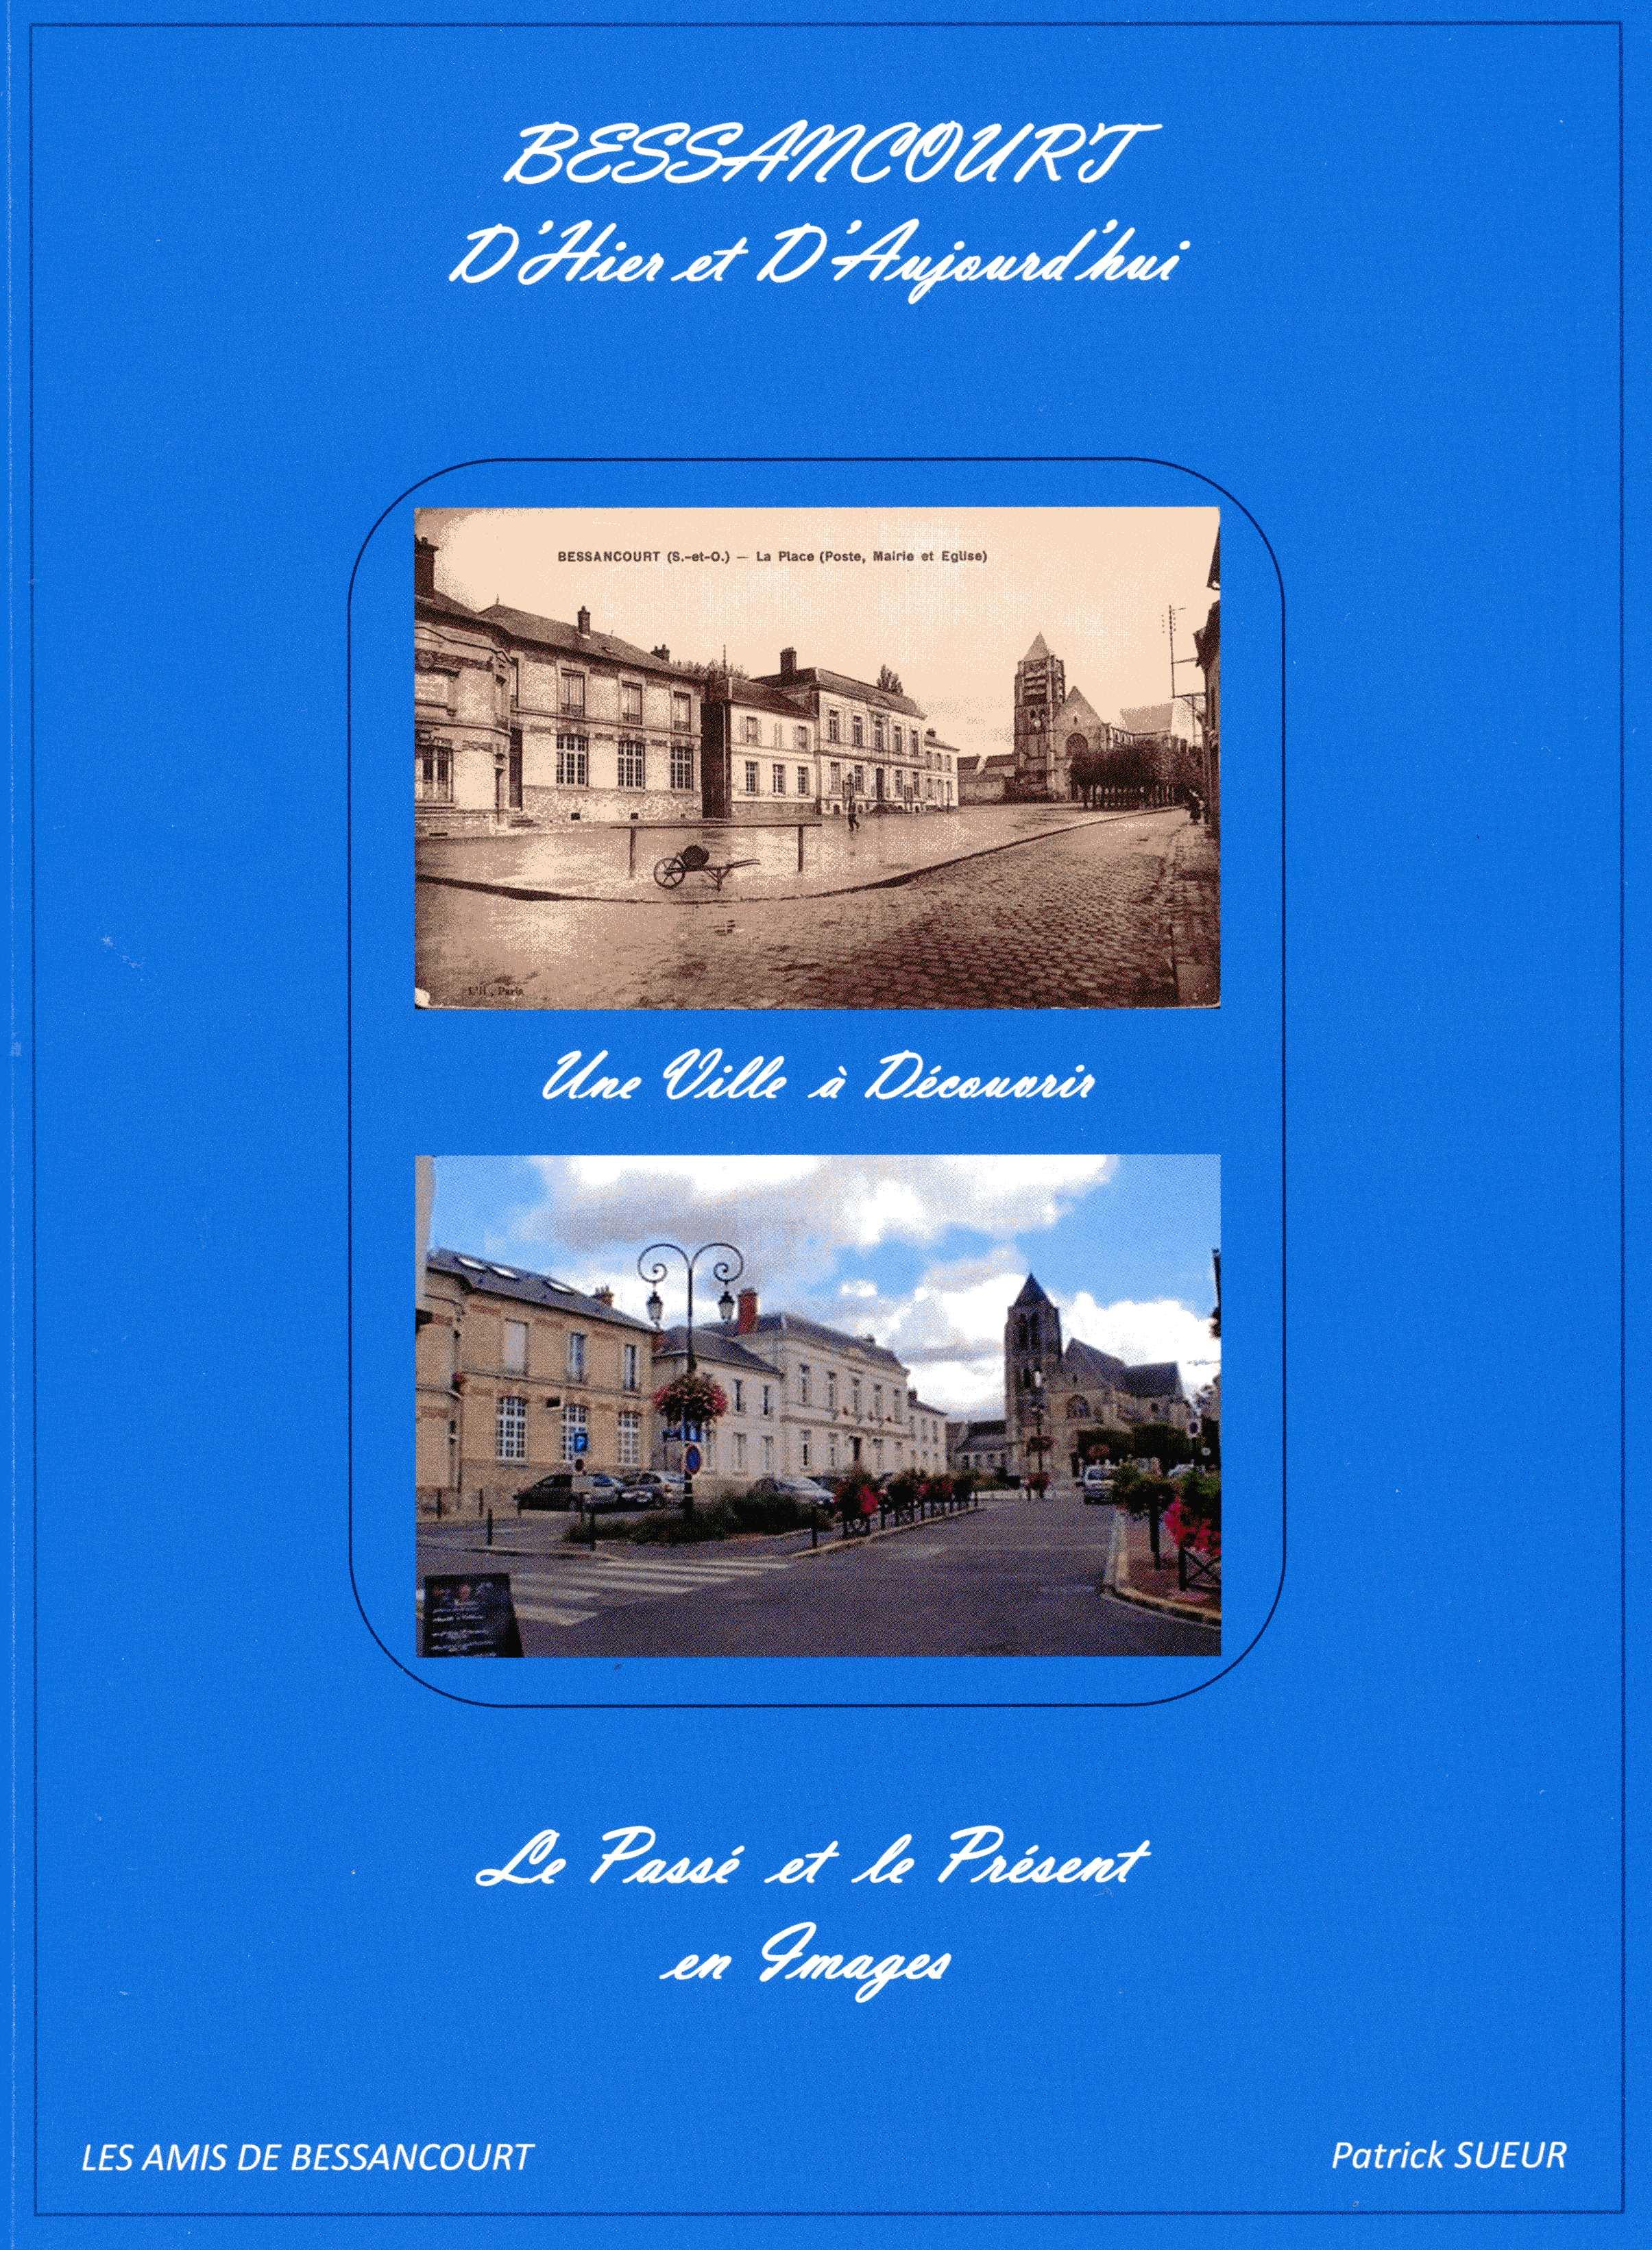 Bessancourt - D'hier et d'aujourd'hui